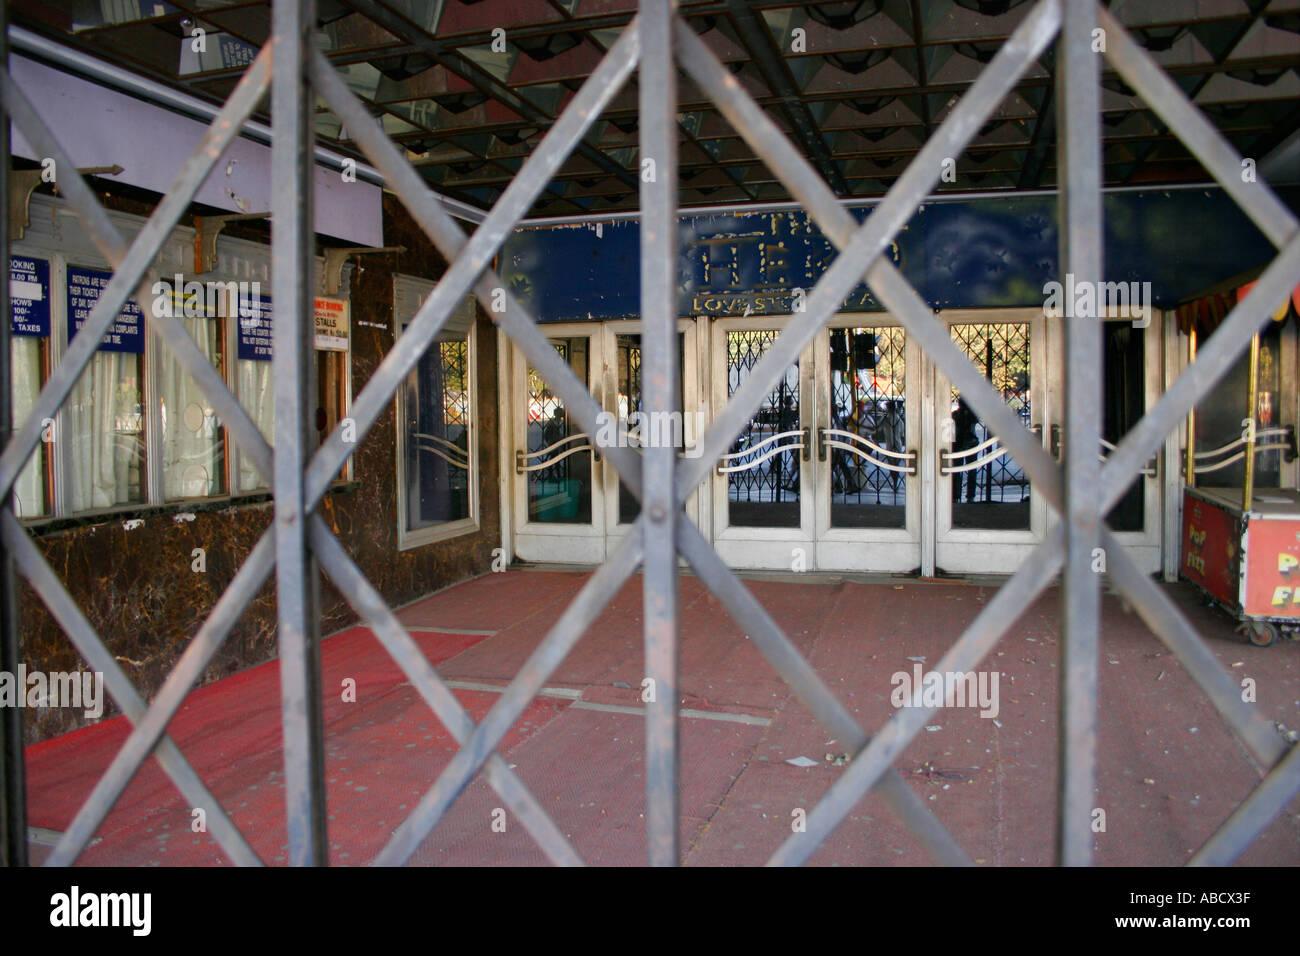 Entrée d'un long désert Cinéma Fermé Mumbai Maharashtra Inde Photo Stock